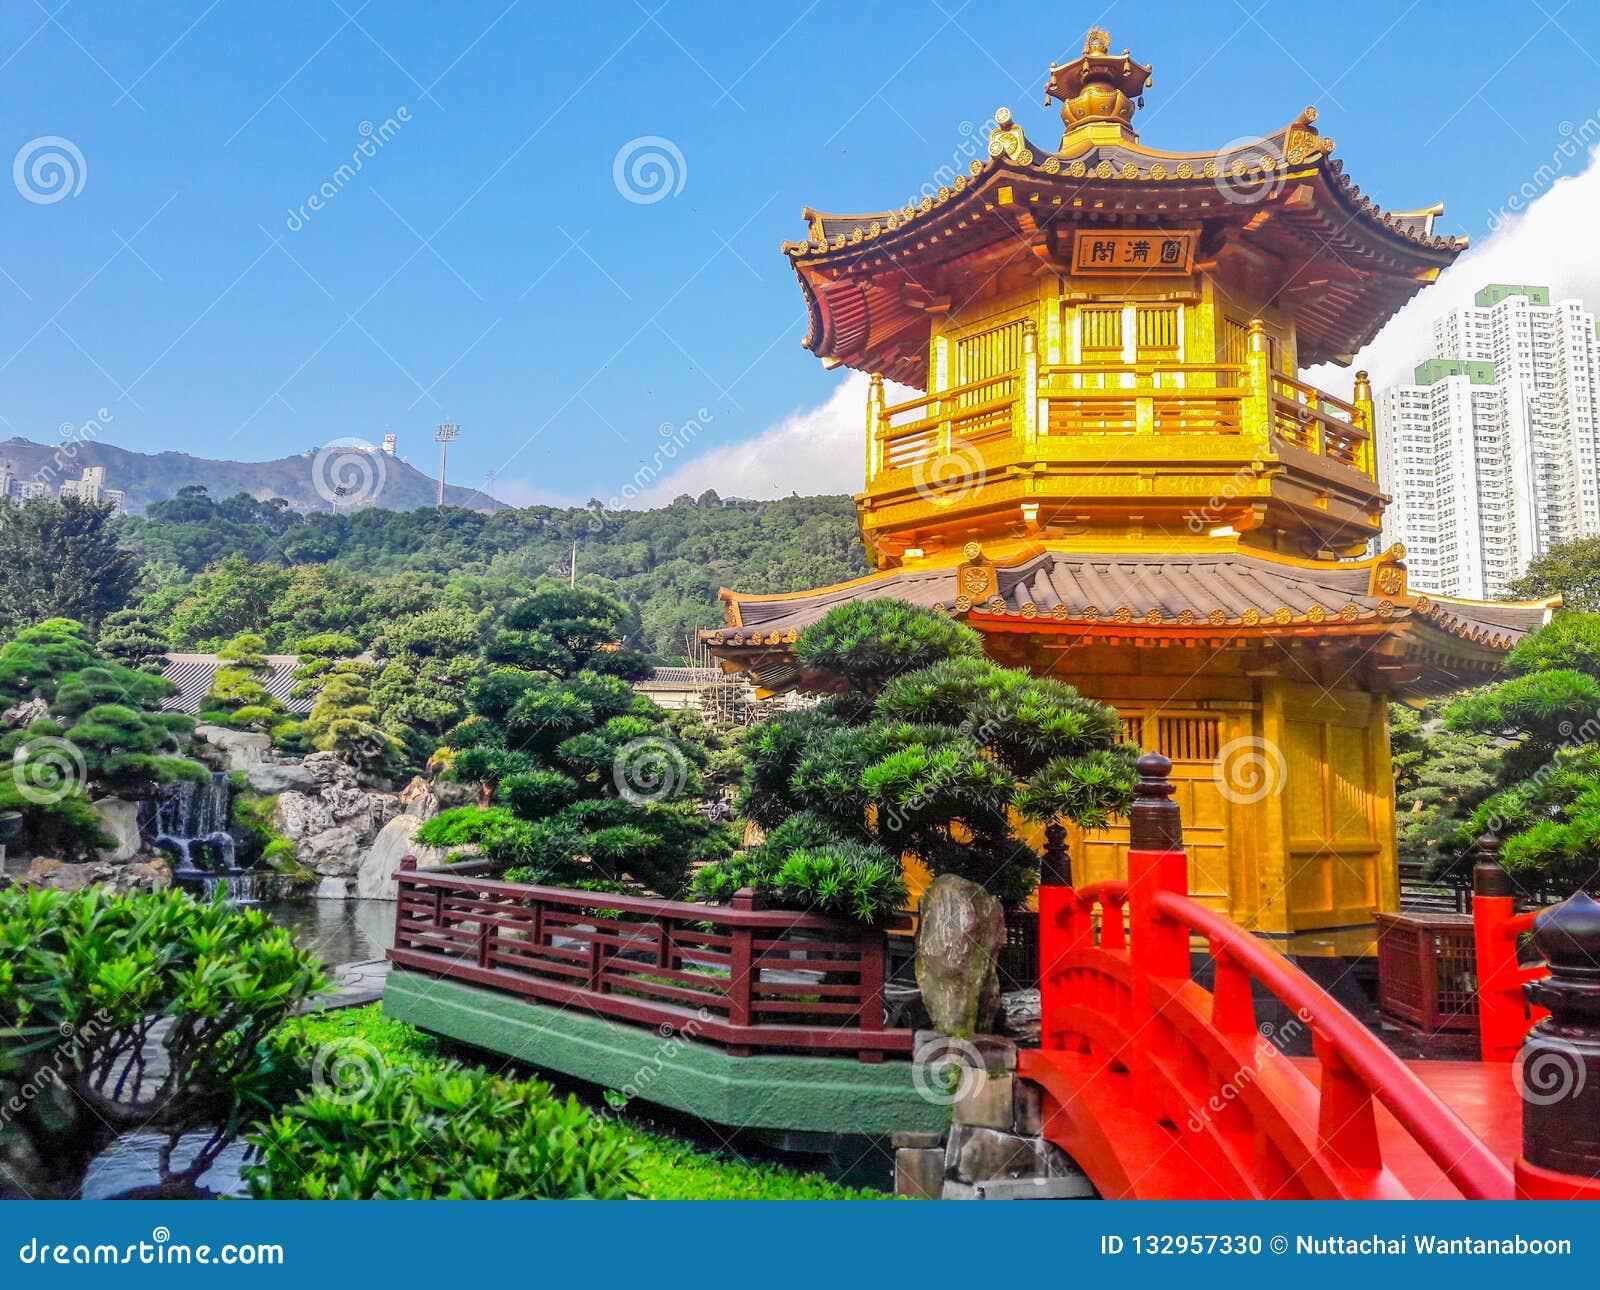 Point de repère de Hong Kong - Nan Lian Garden Chinese Classical Garden